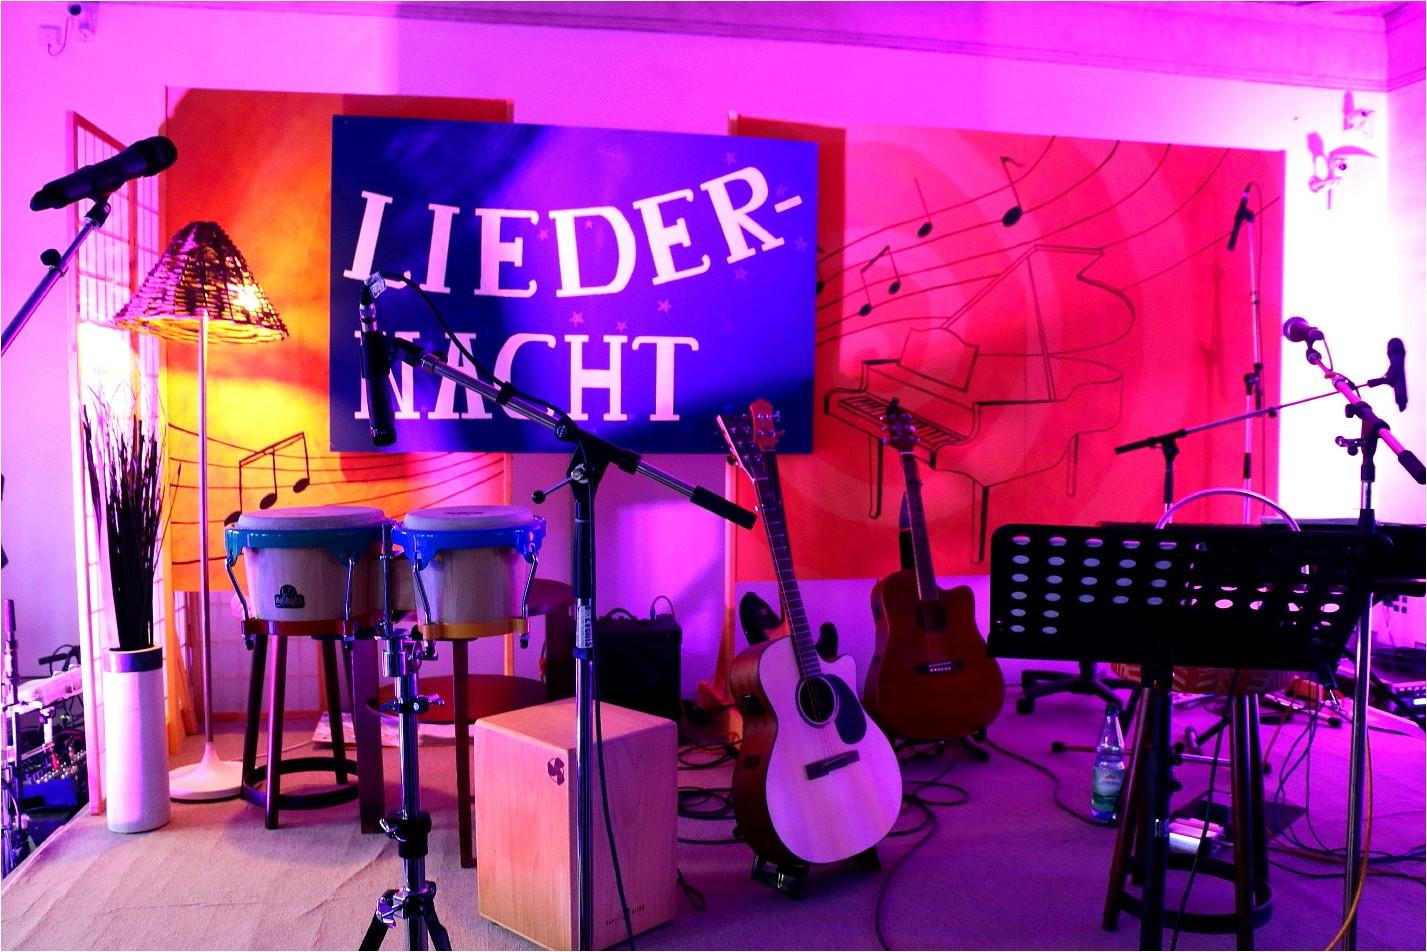 2. Zschopauer Liedernacht